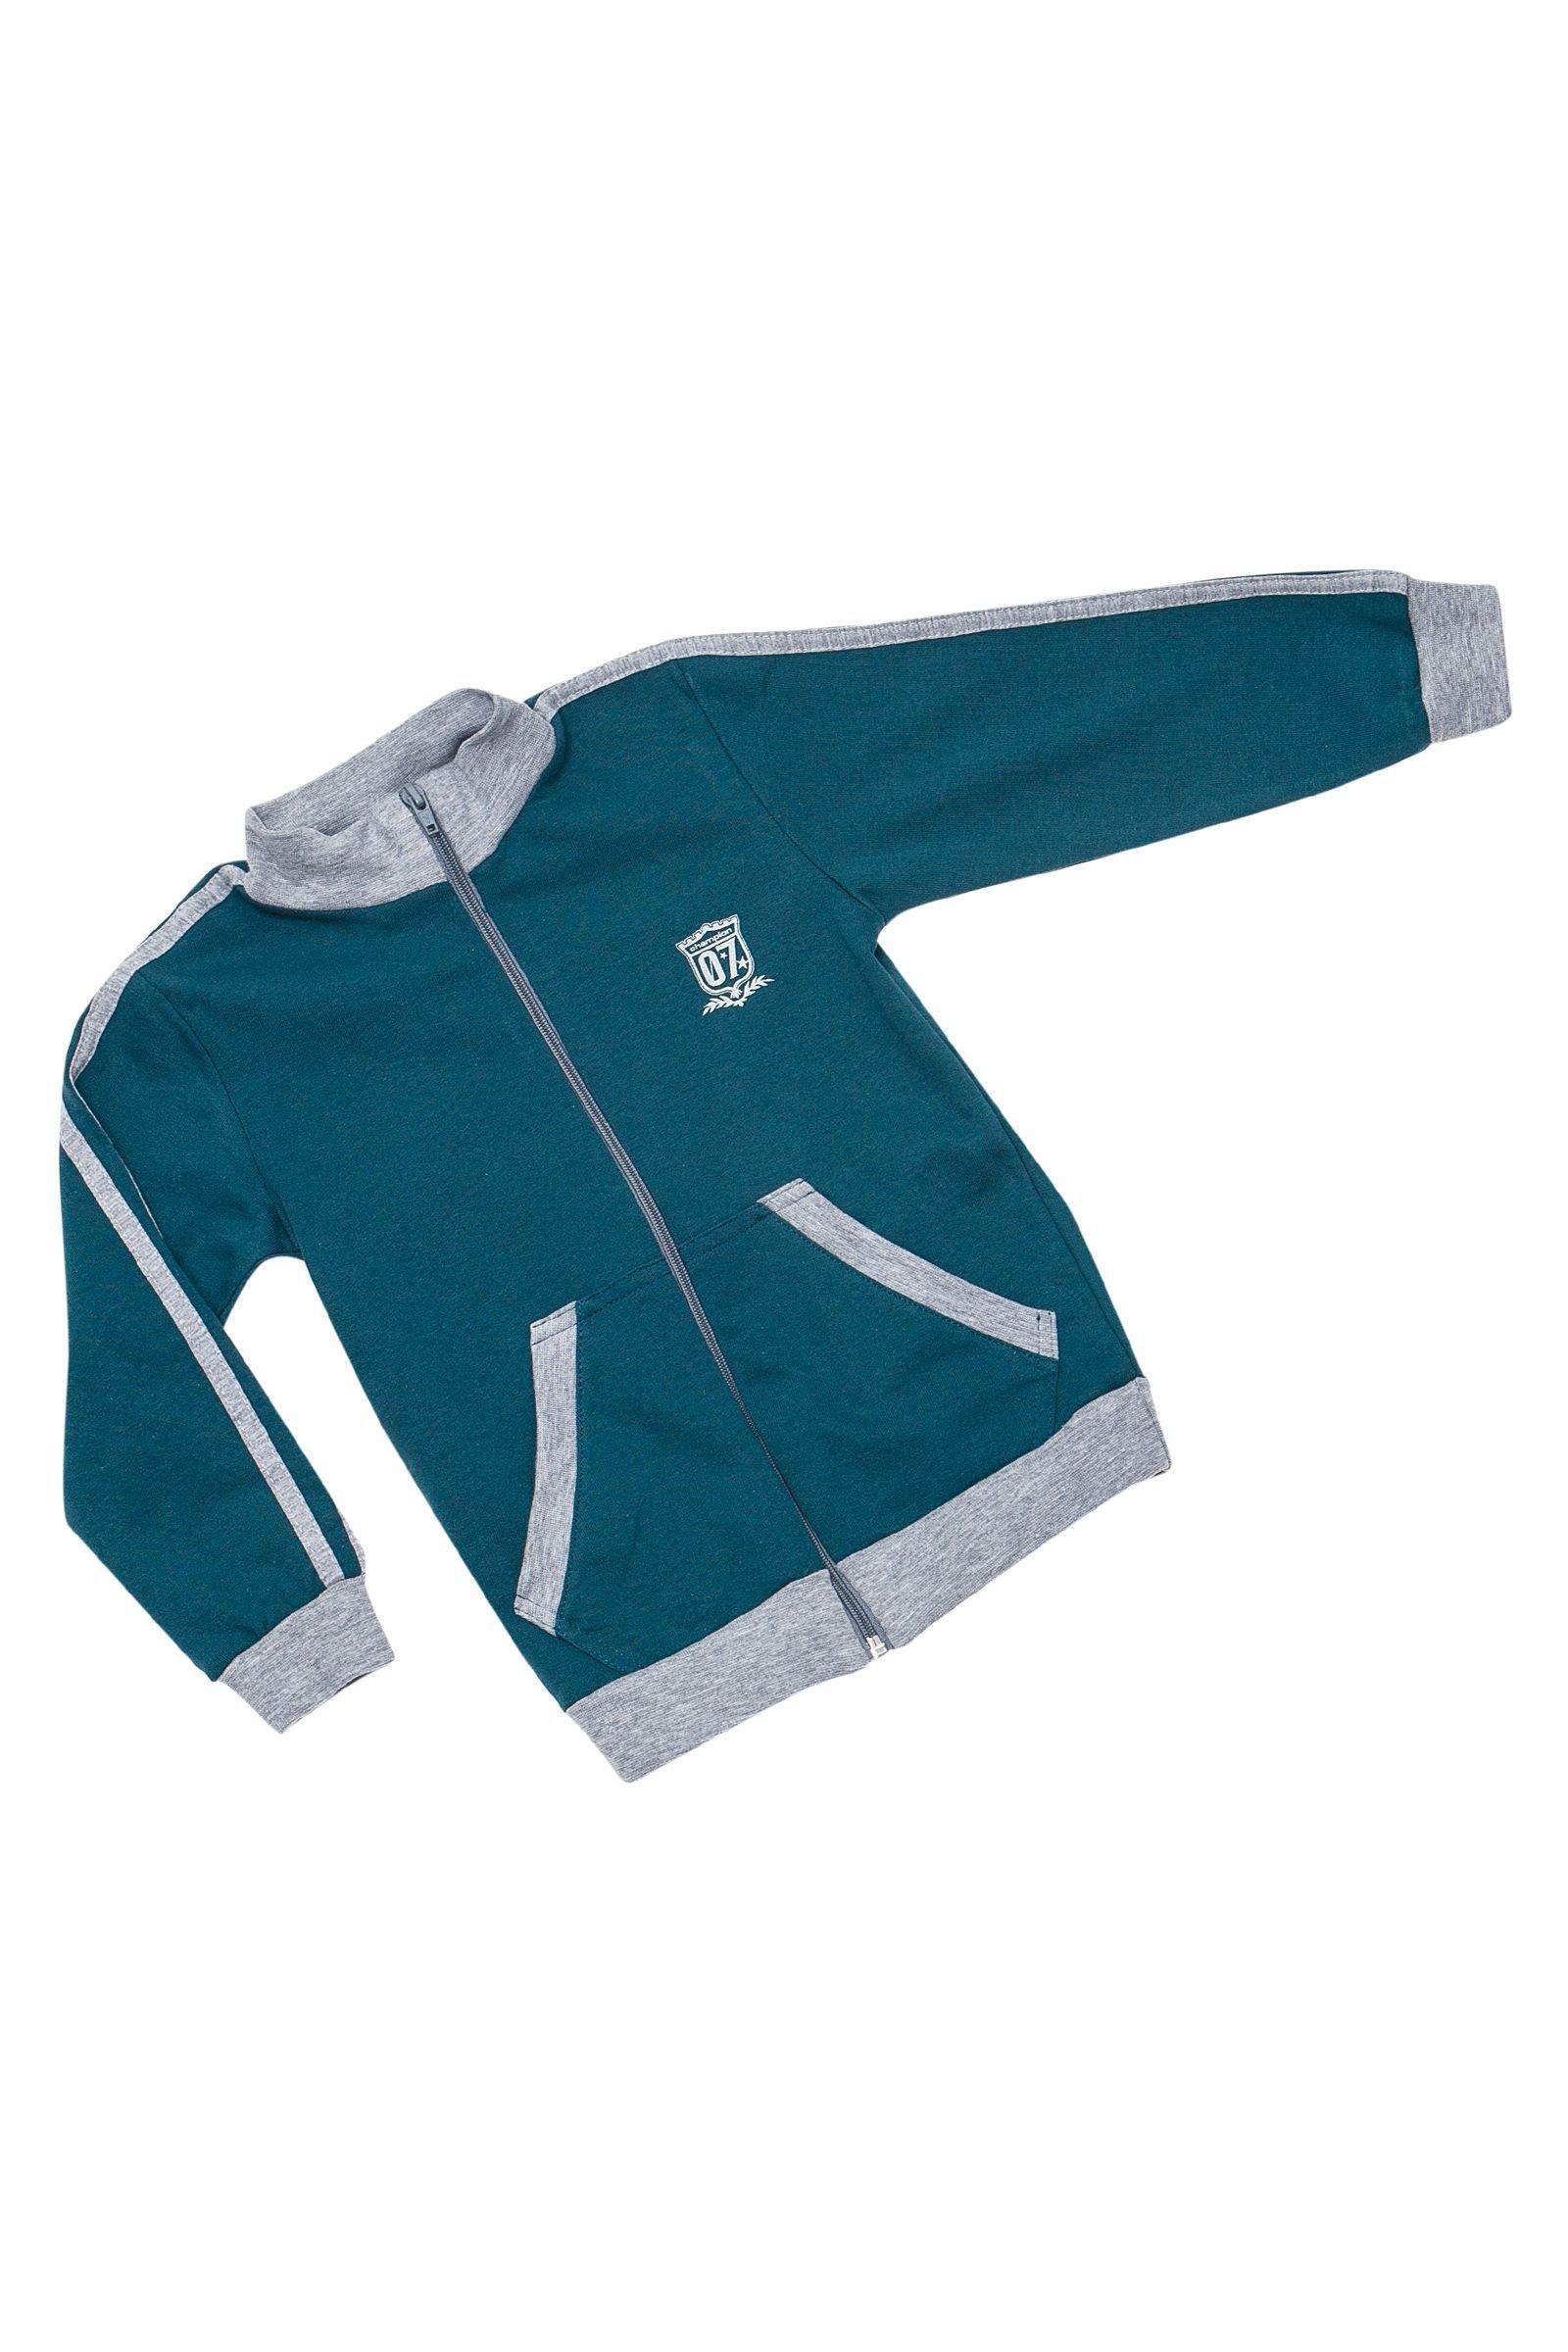 Куртка для мальчика ALLAL05-2590A